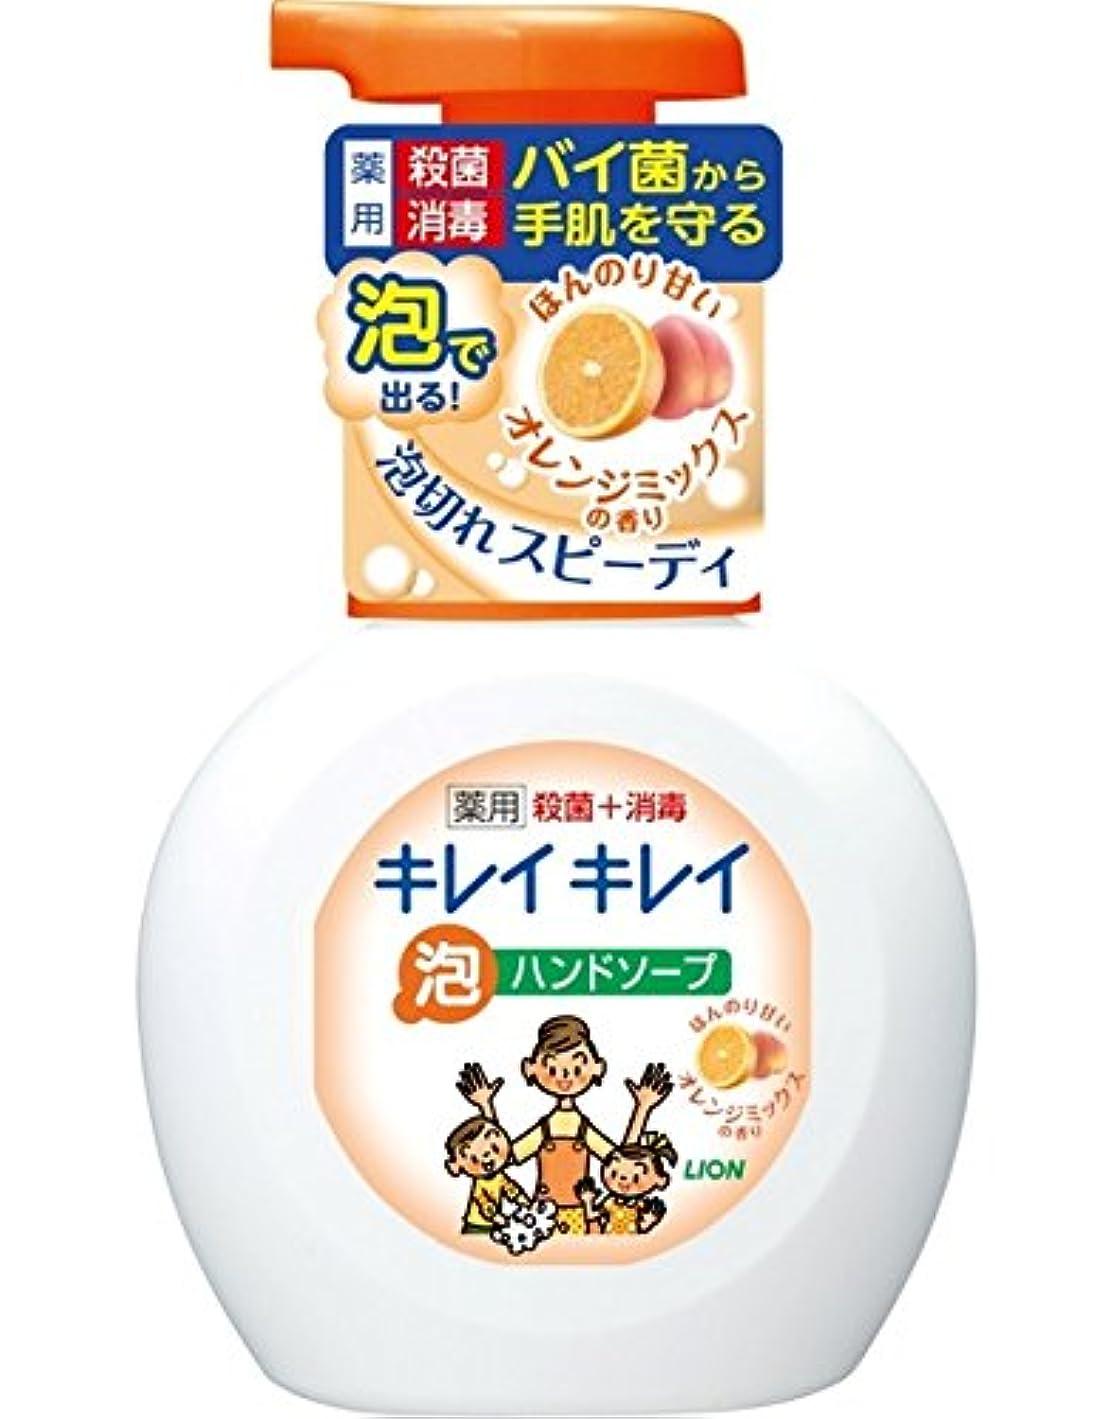 トロリーバトル平行キレイキレイ薬用泡ハンドソープオレンジミックスの香りポンプ250mL